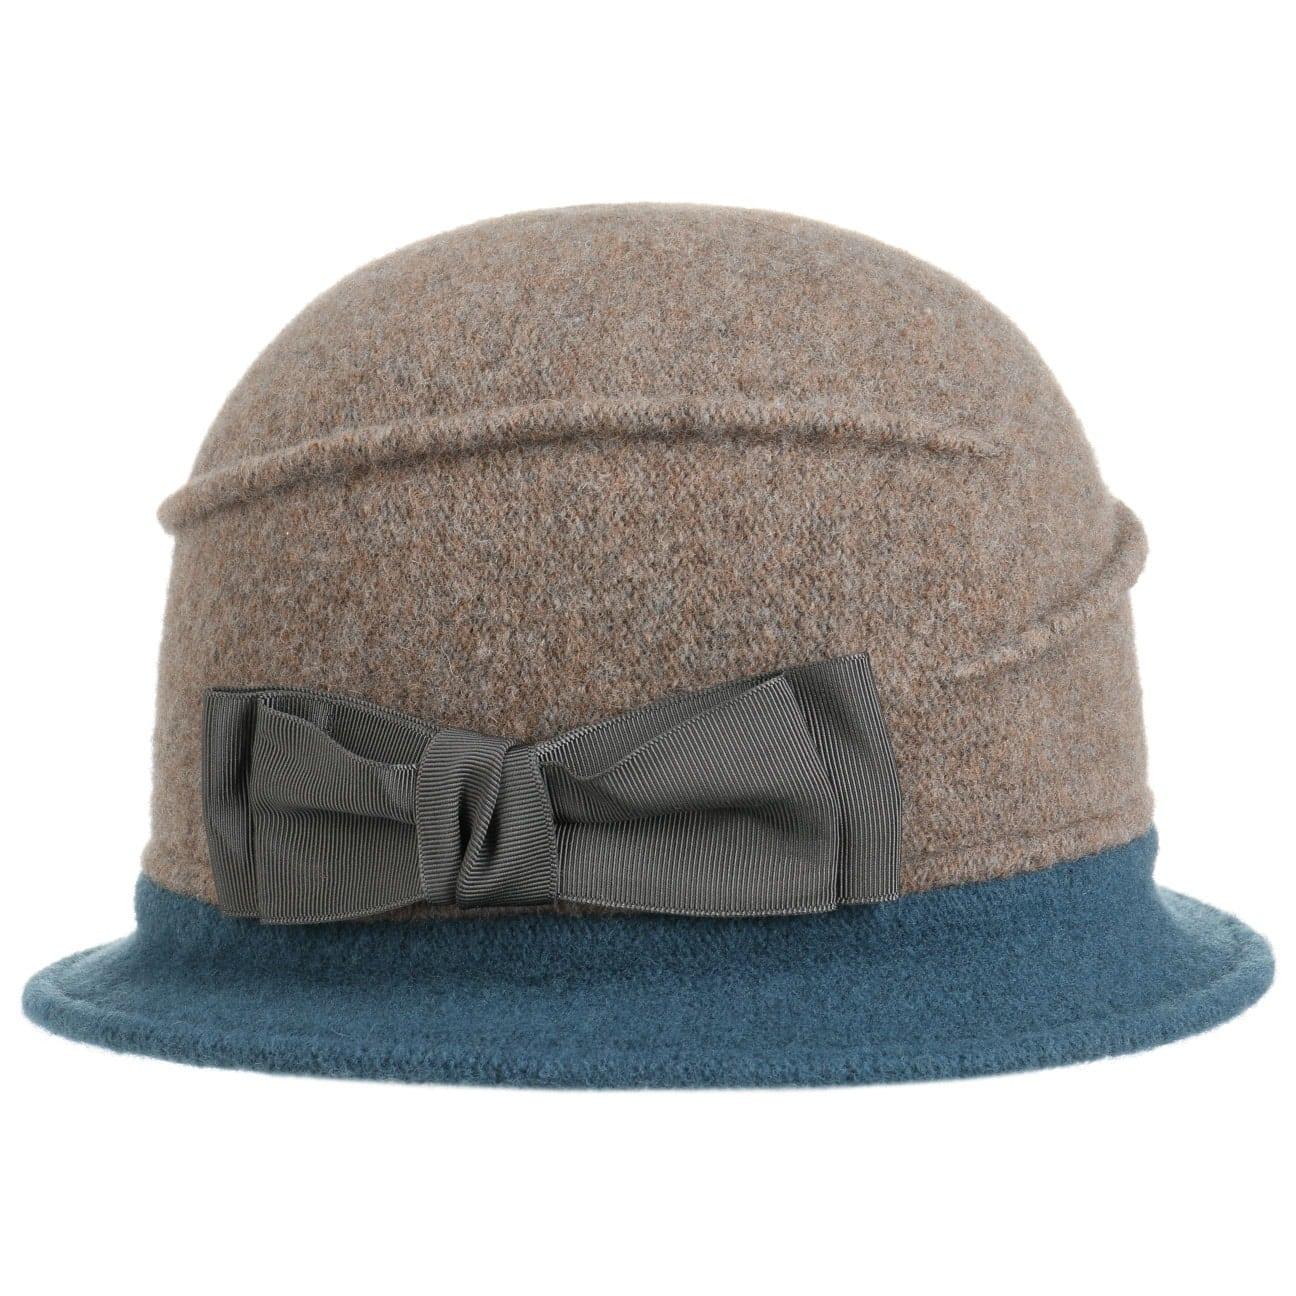 Bonnet en Laine Foulée Oretka by bedacht  chapeau en laine